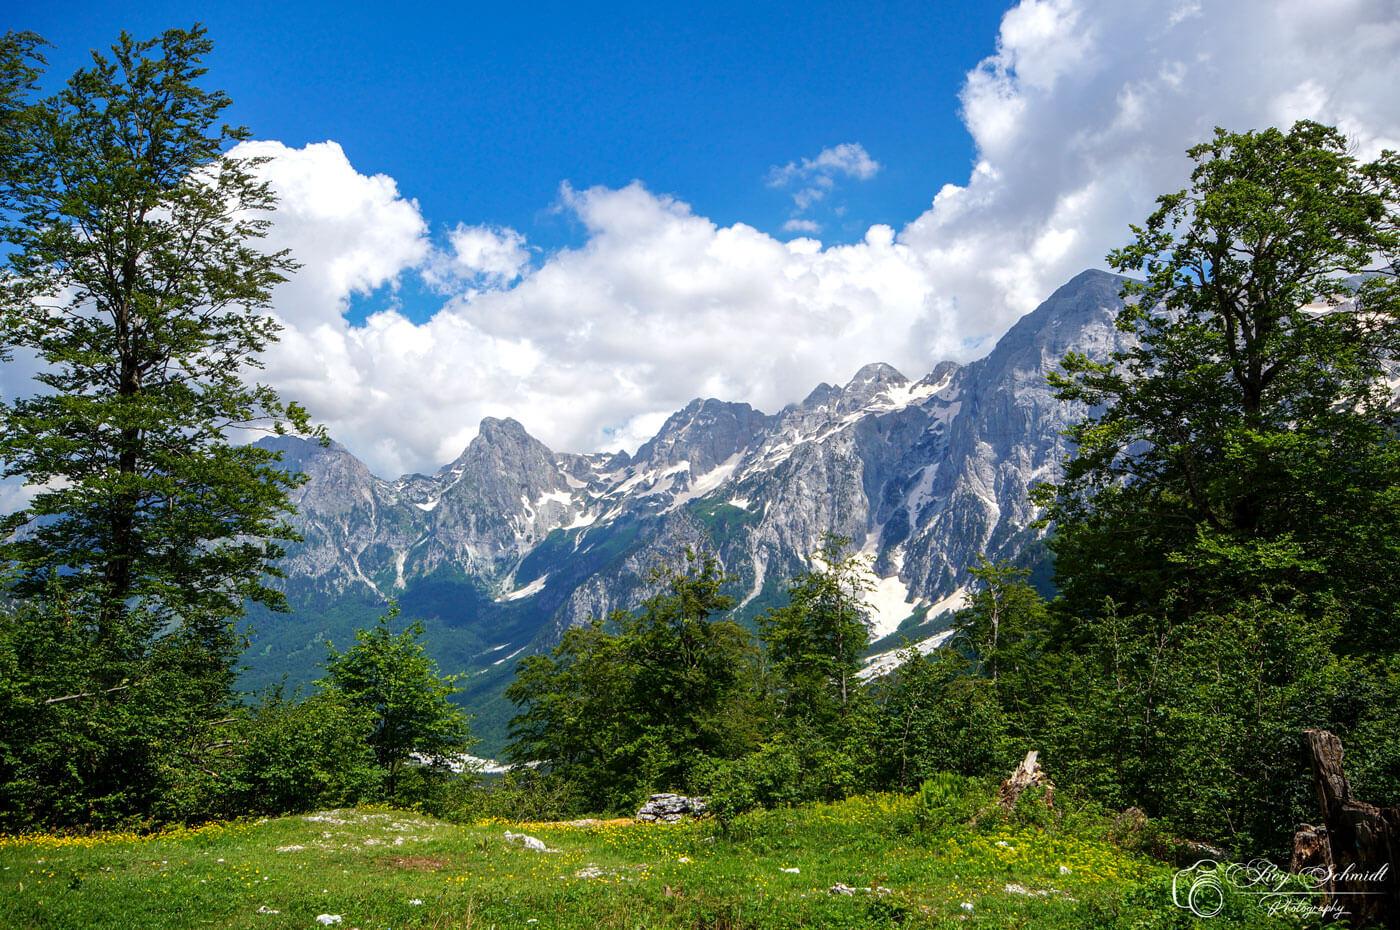 Bergenlandschap Albanie bij Valbona, noord Albanie